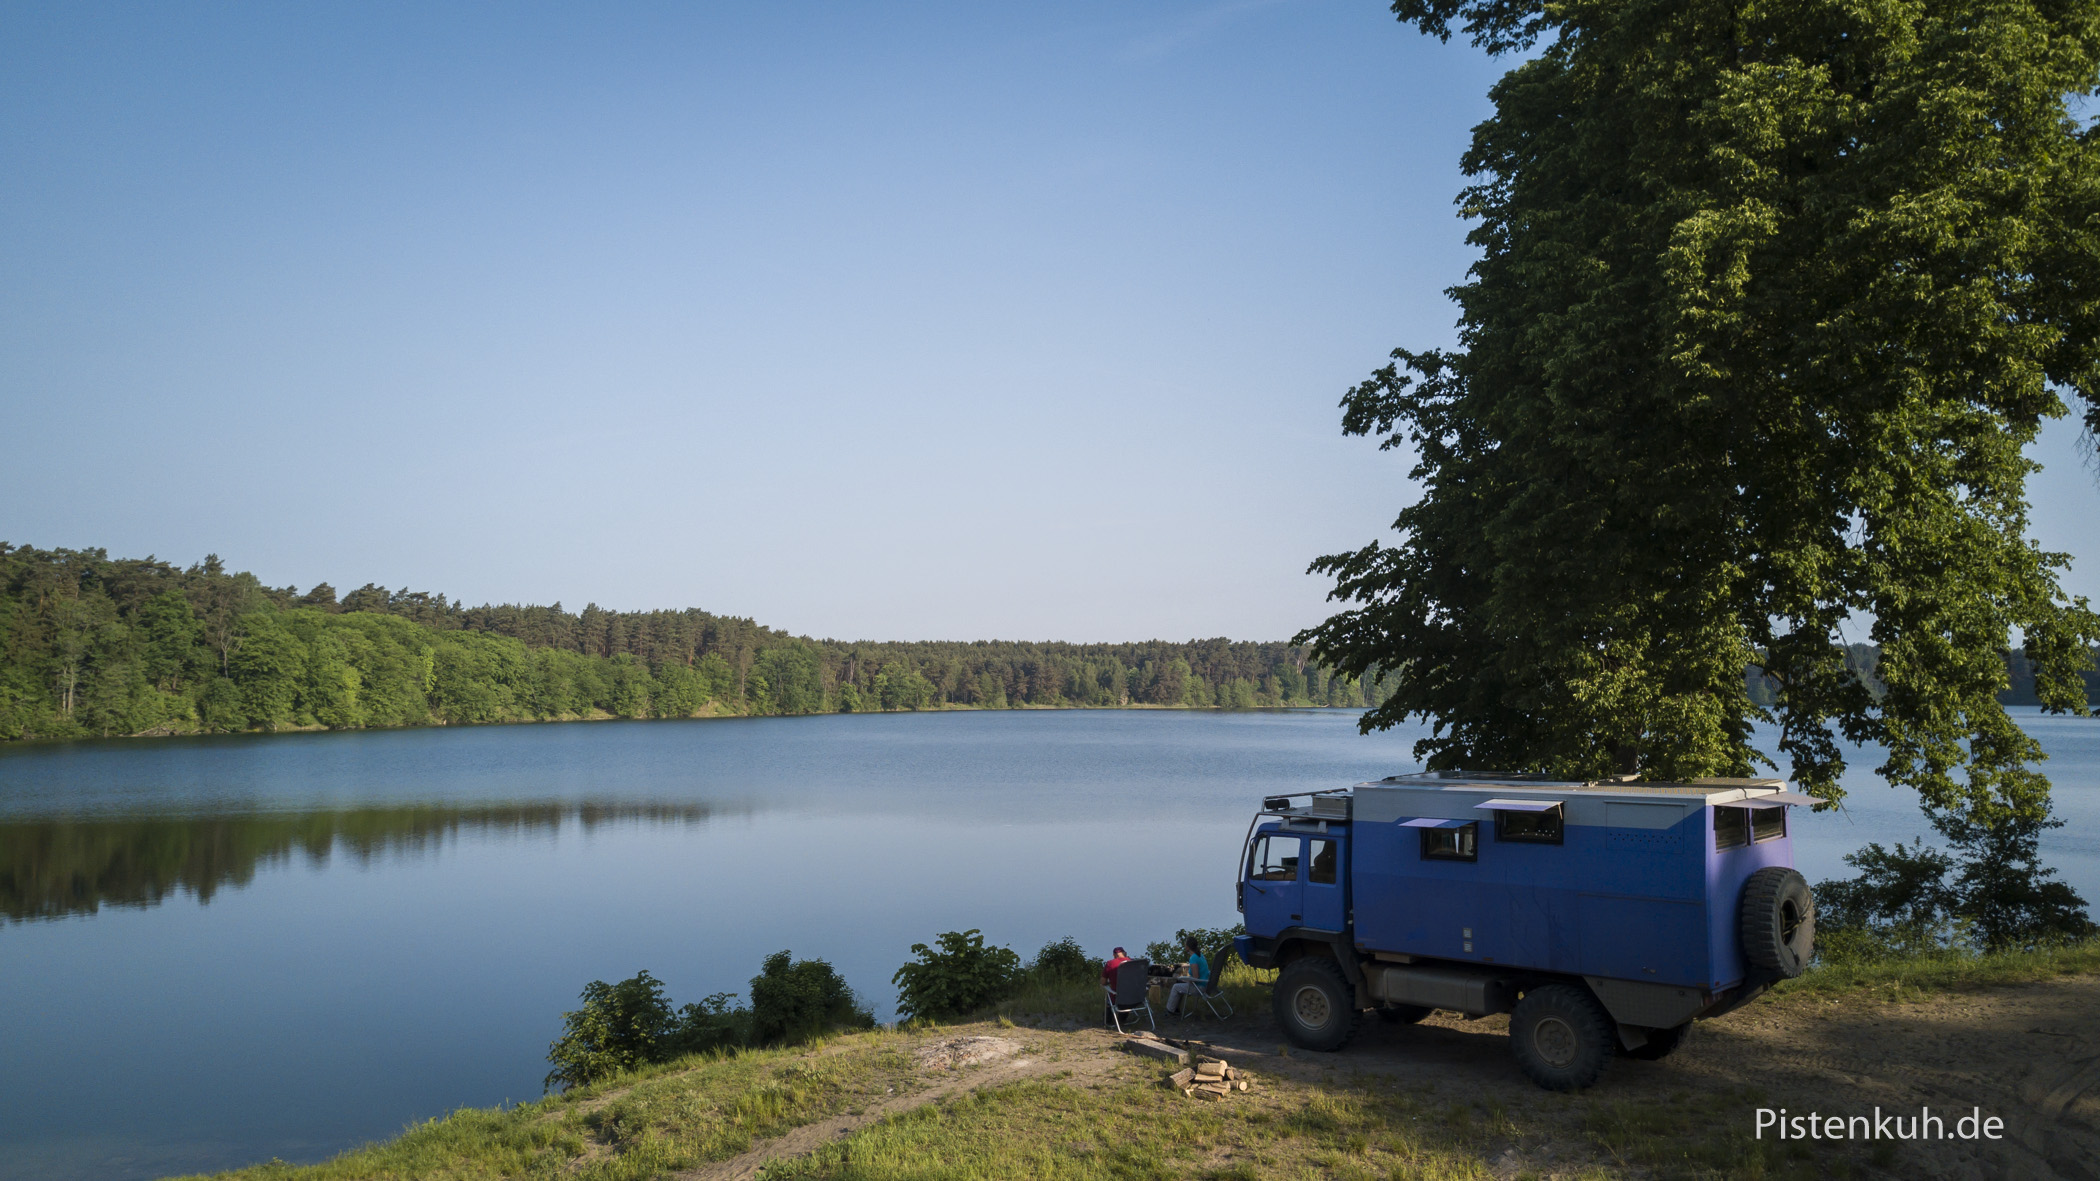 Lagerplatz am See in den Wäldern in Polen